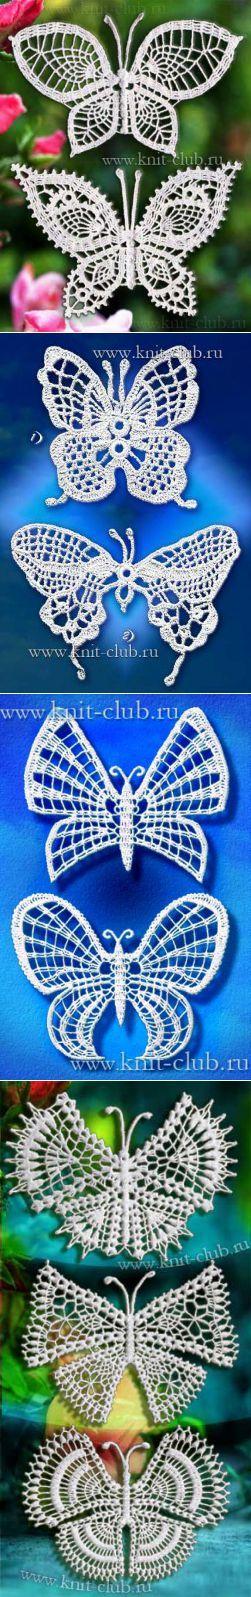 Ажурные бабочки. | Вязание | Постила